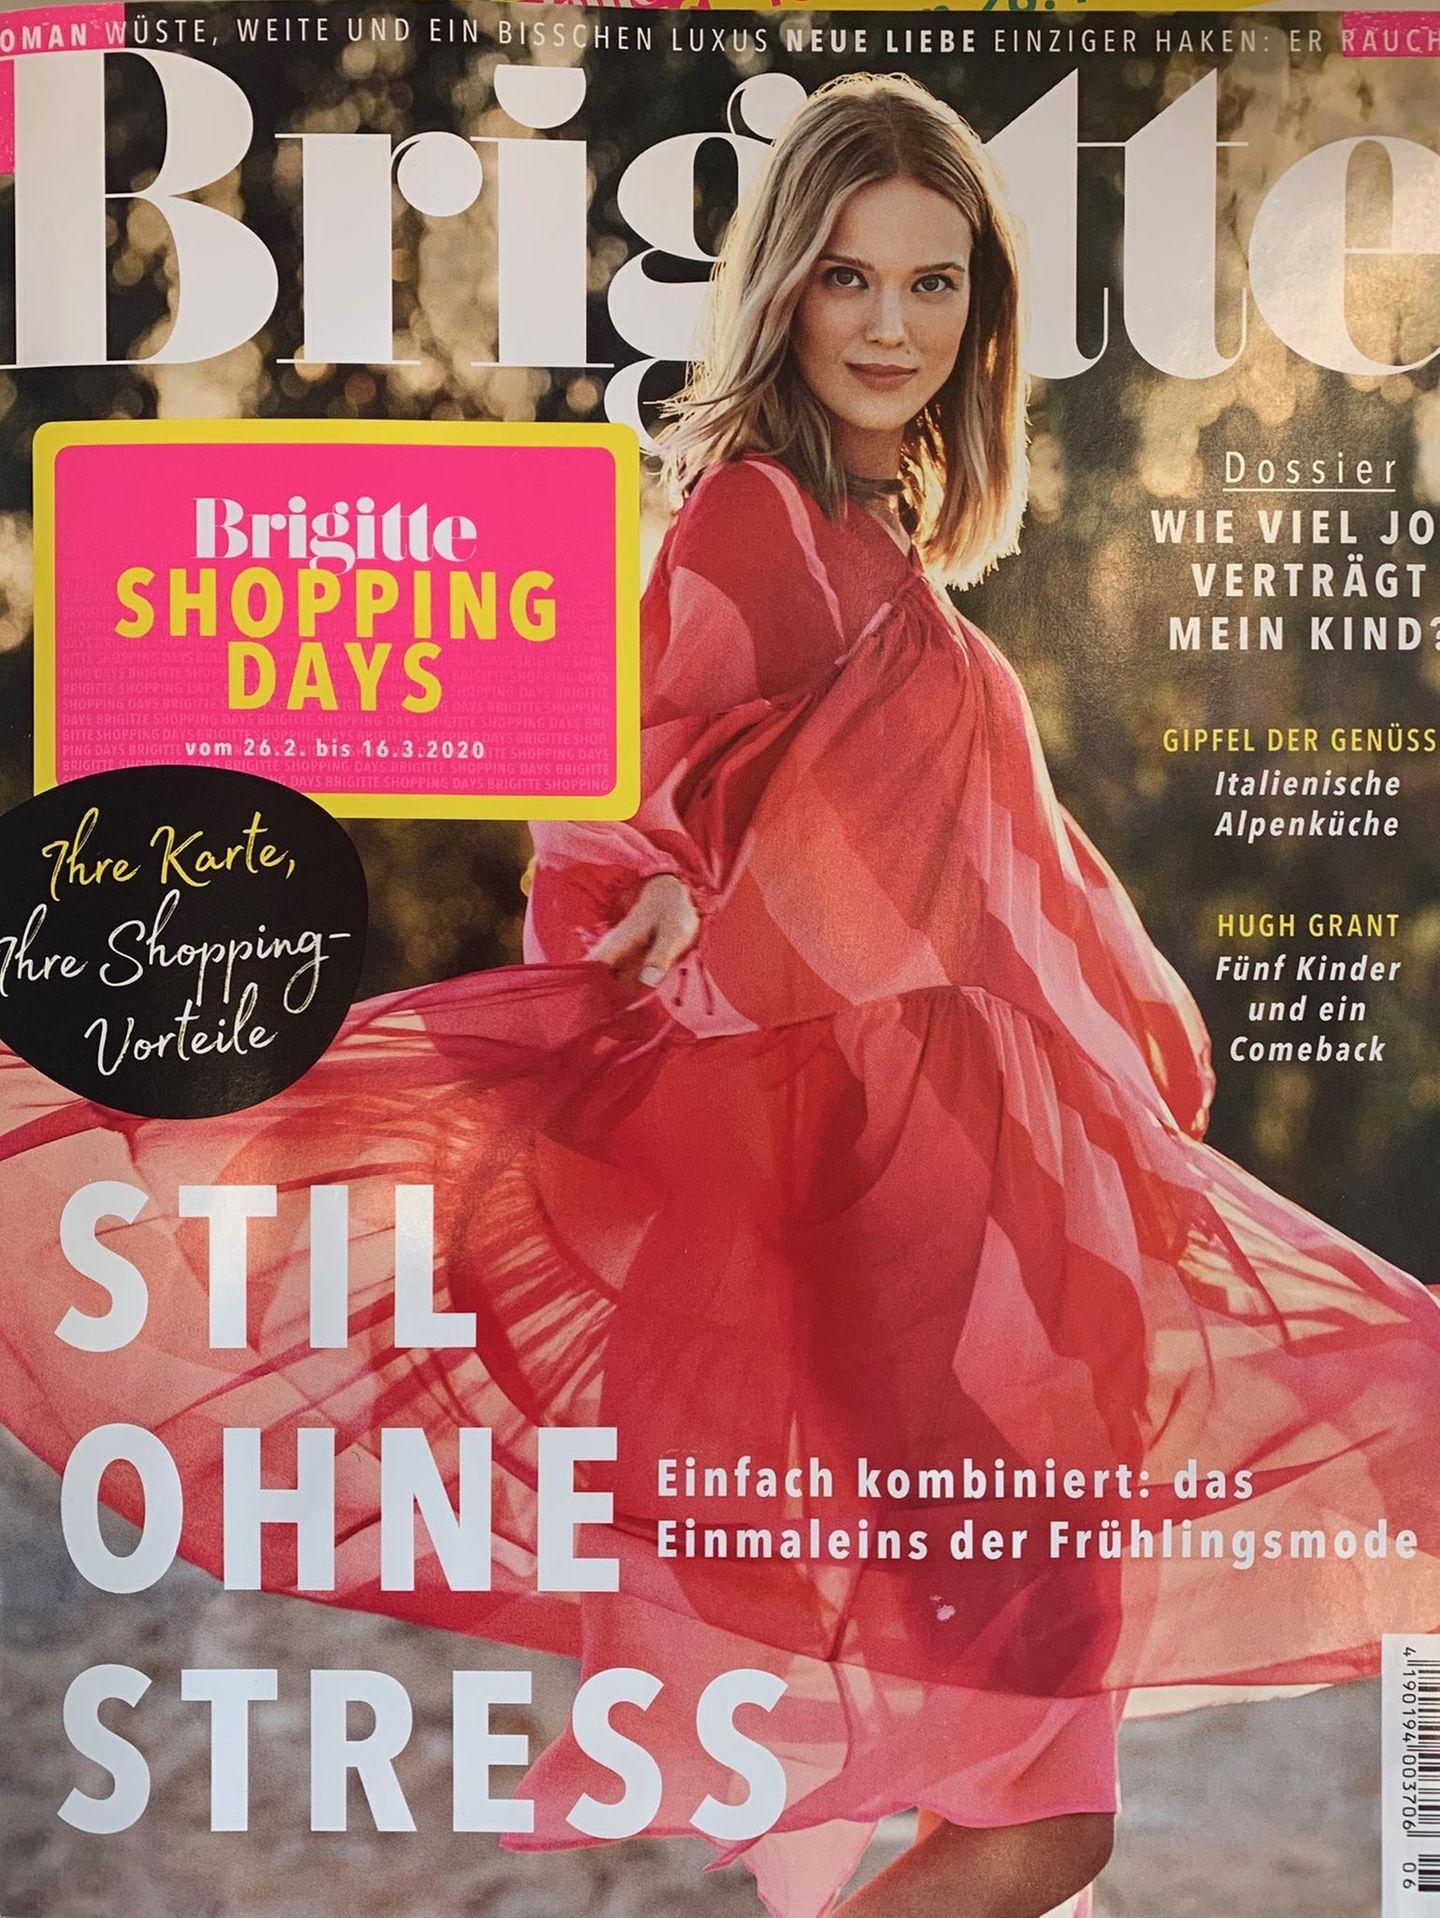 Du bekommt nicht genug vom BRIGITTE Magazin? Wir auch nicht! Hol dir das Heft deswegen direkt nach Hause.  Mit der BRIGITTE Shopping Card sparst du beim BRIGITTE Abovom 26. Februar bis 16. März 2020 32 Prozent